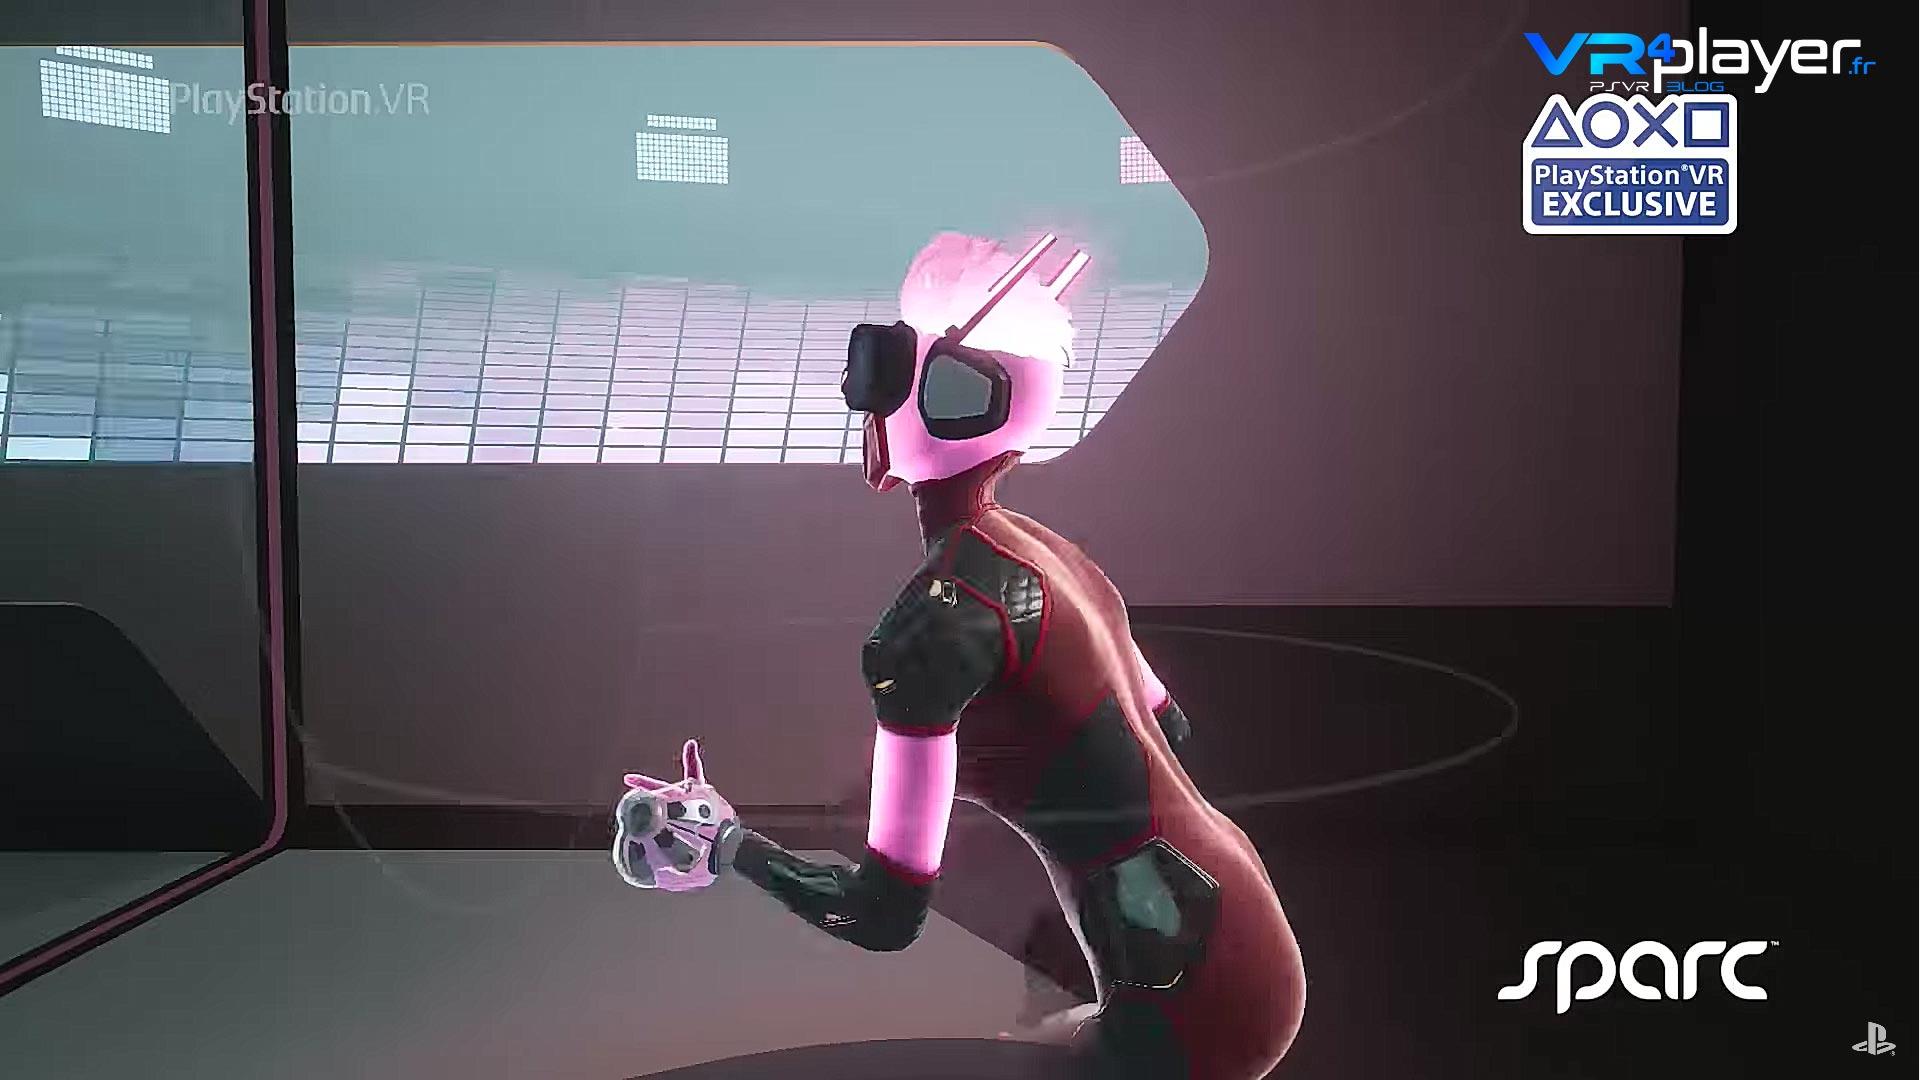 SParc PSVR - VR4Player